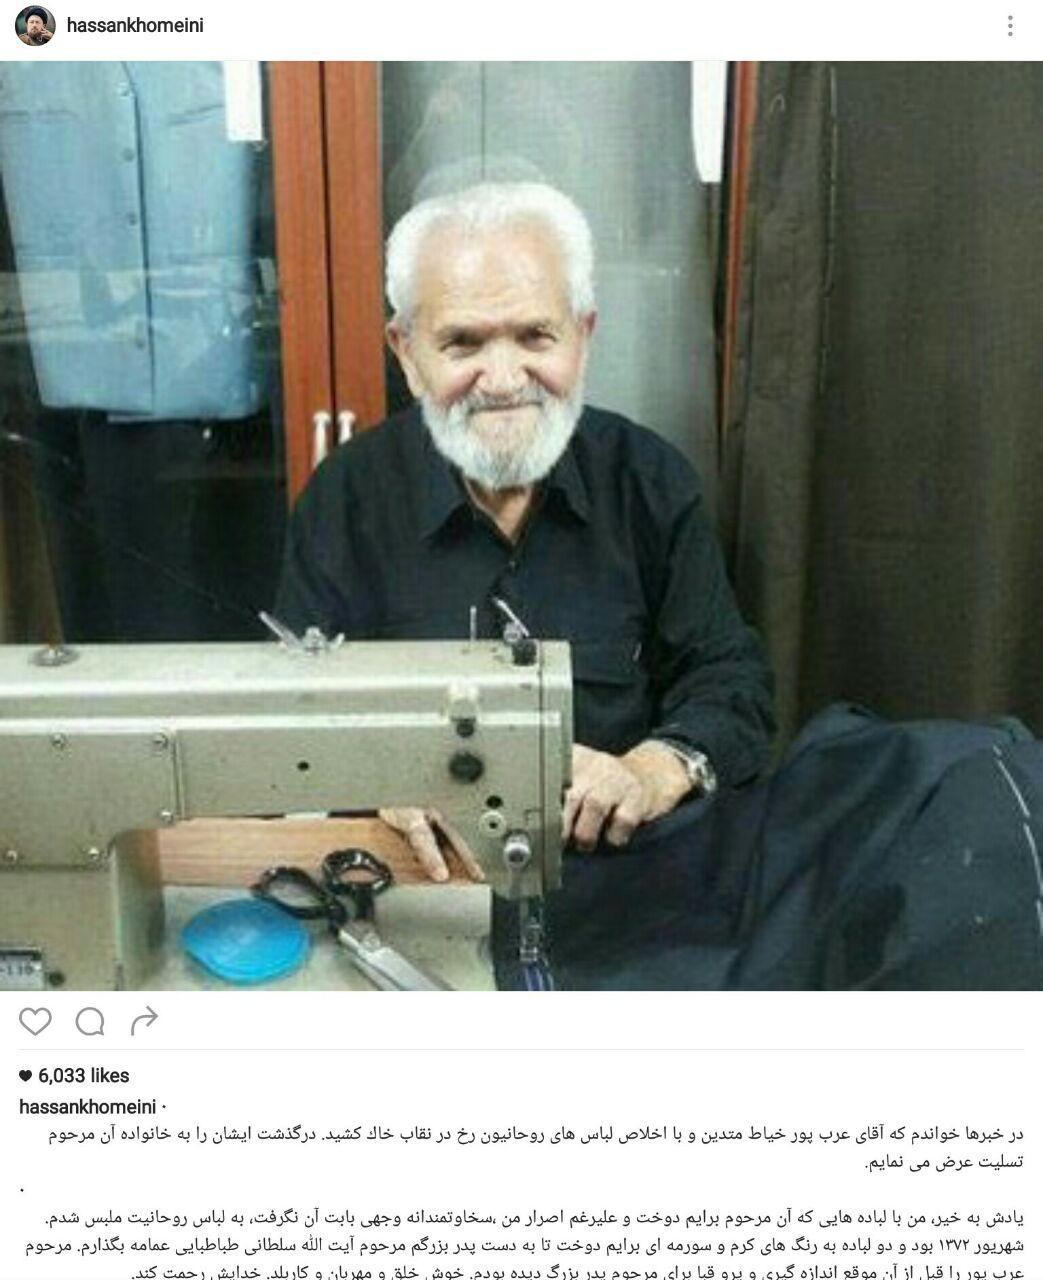 سیدحسن خمینی درگذشت «خیاط روحانیون» را تسلیت گفت